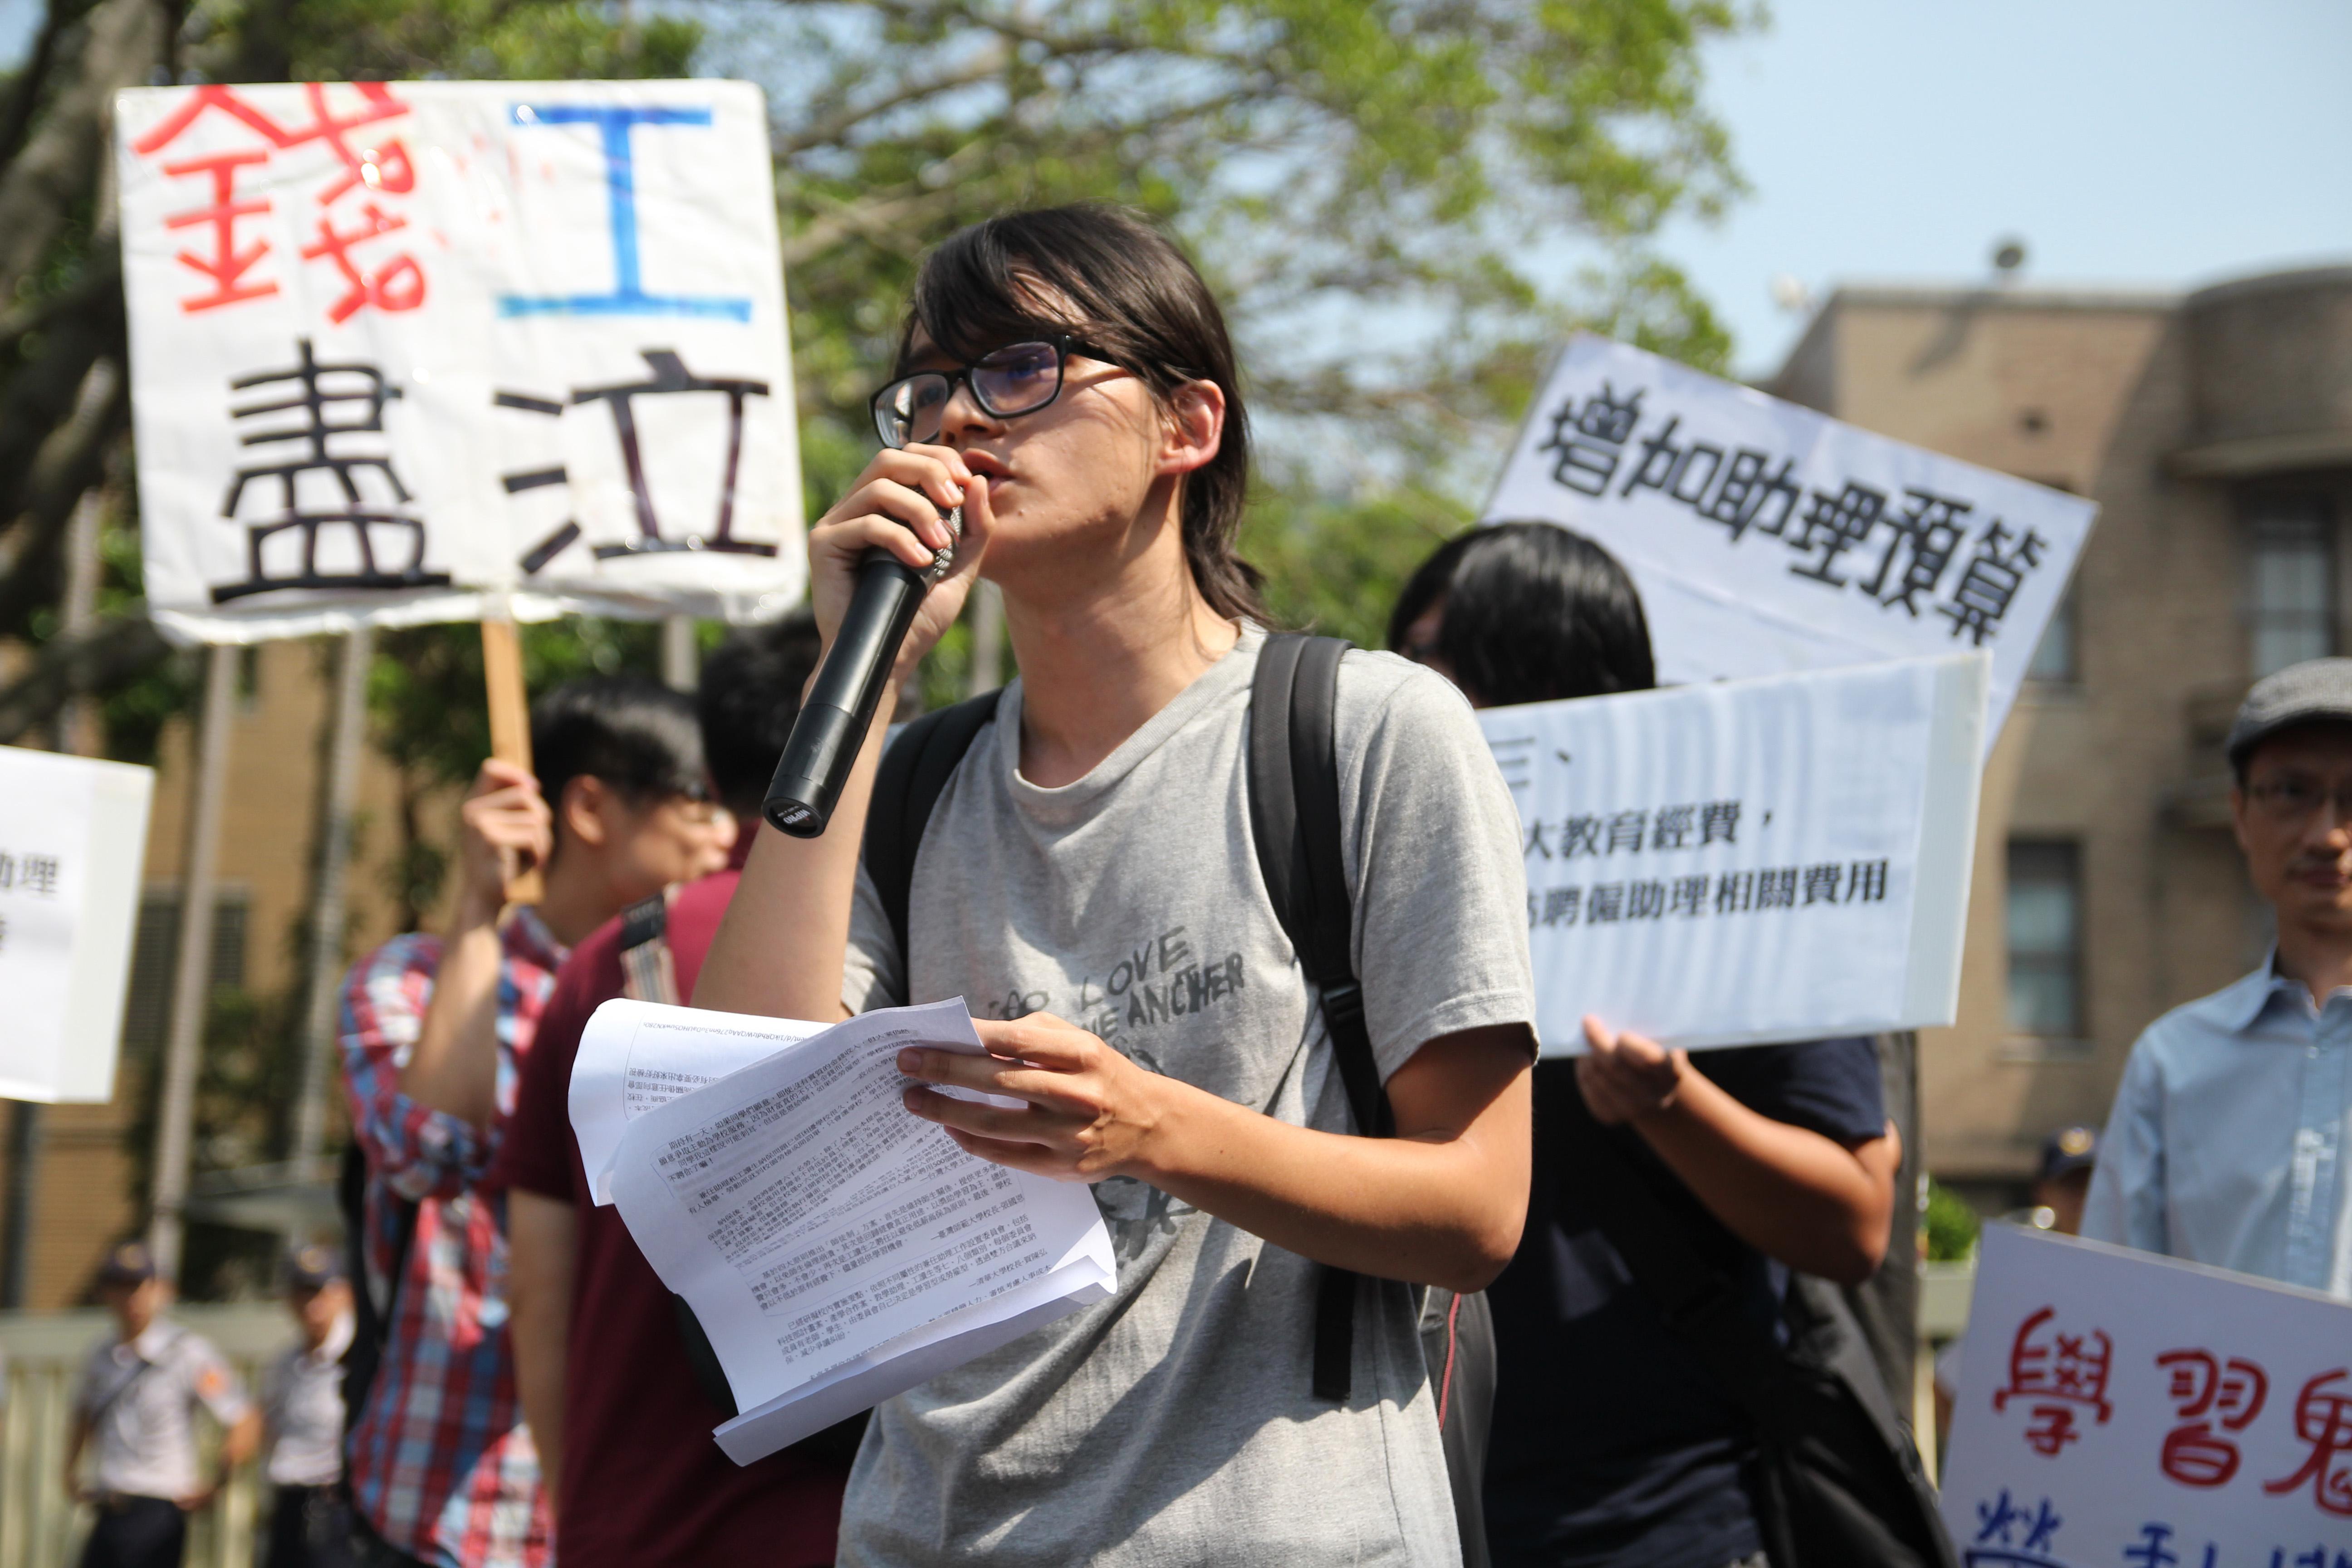 政大社會所學生吳昭儒表示,行政院容若許各大學制定不合理的制度,將導致全台近六萬名的學生助理,失去《勞基法》保障。 圖/張方慈攝